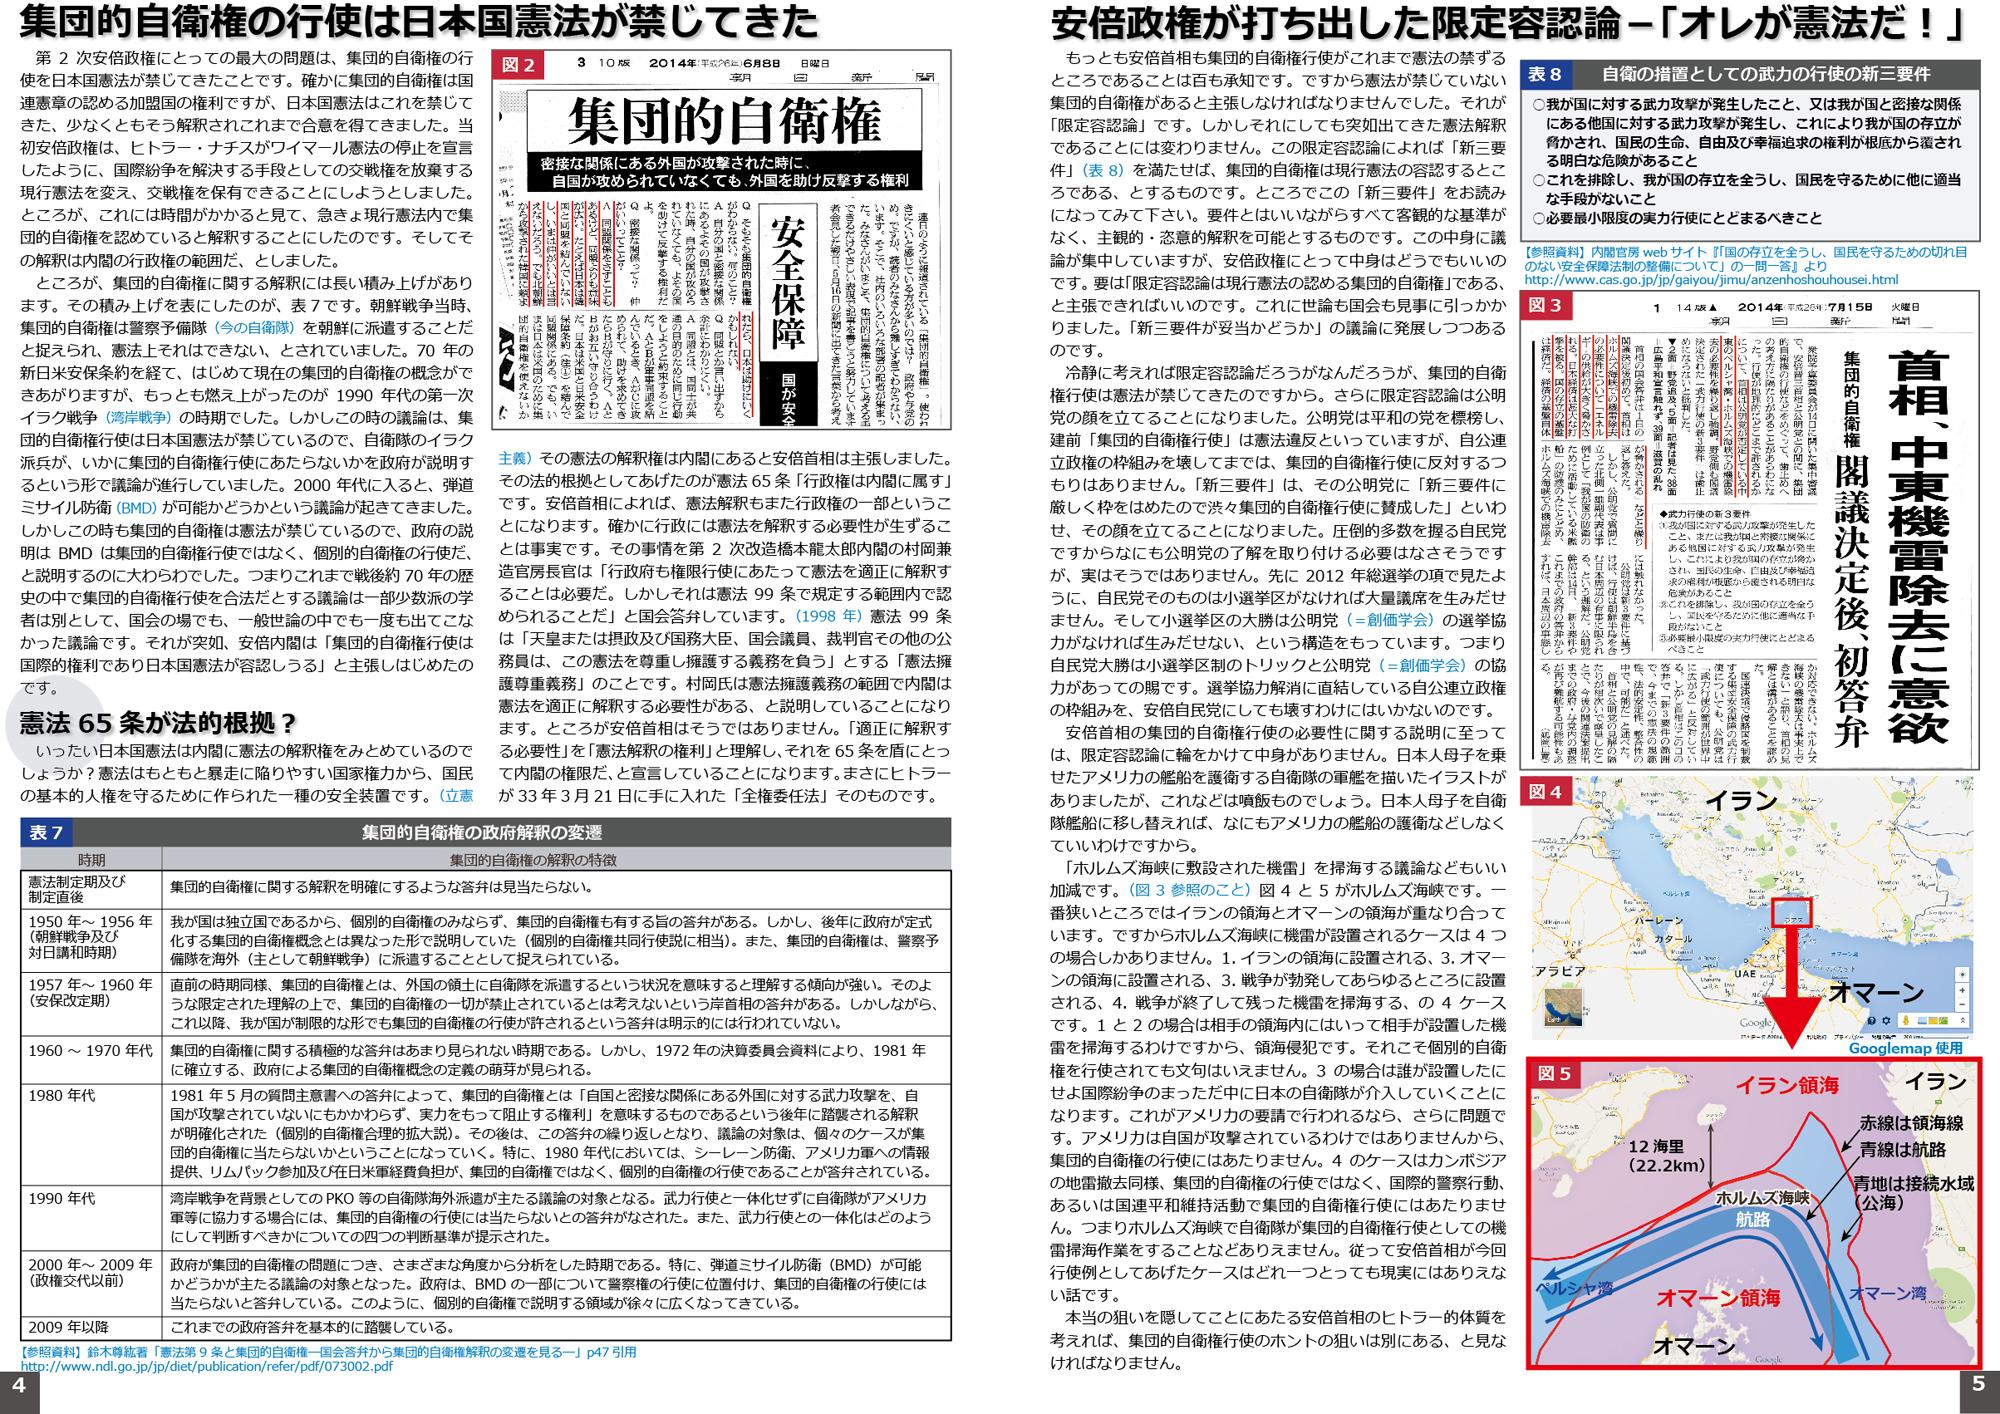 ファイル 313-3.jpg